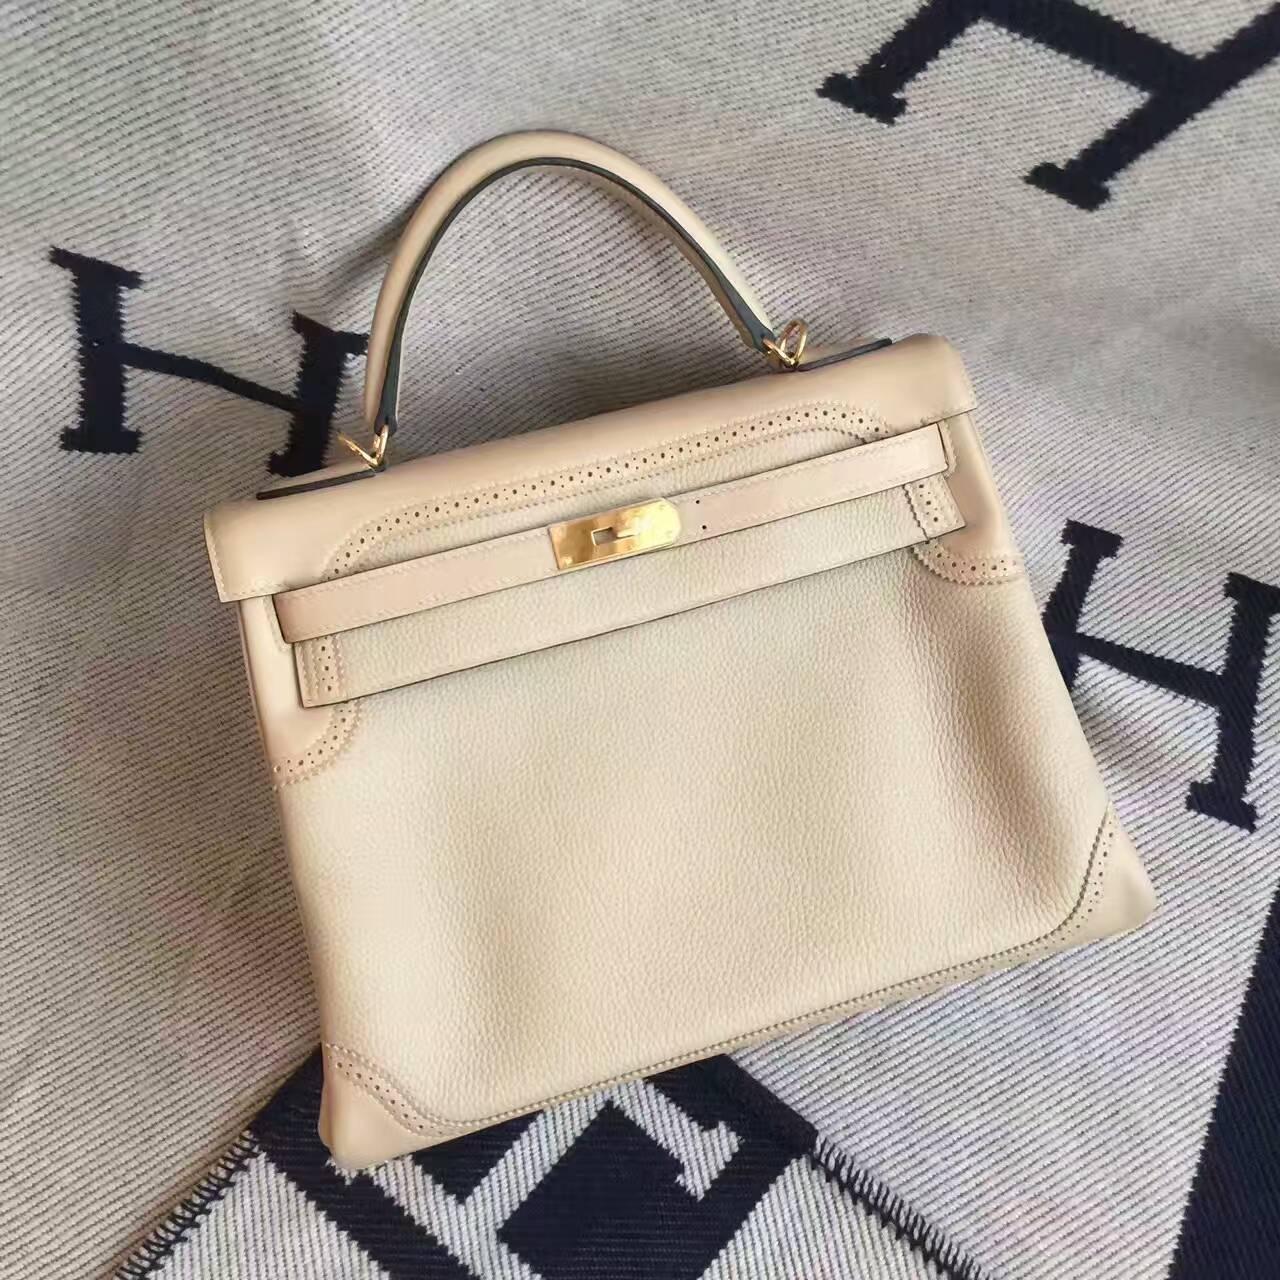 Hot Sale Hermes CK81 Gris Tourterelle Togo Leather Ghillie Kelly Bag 32cm